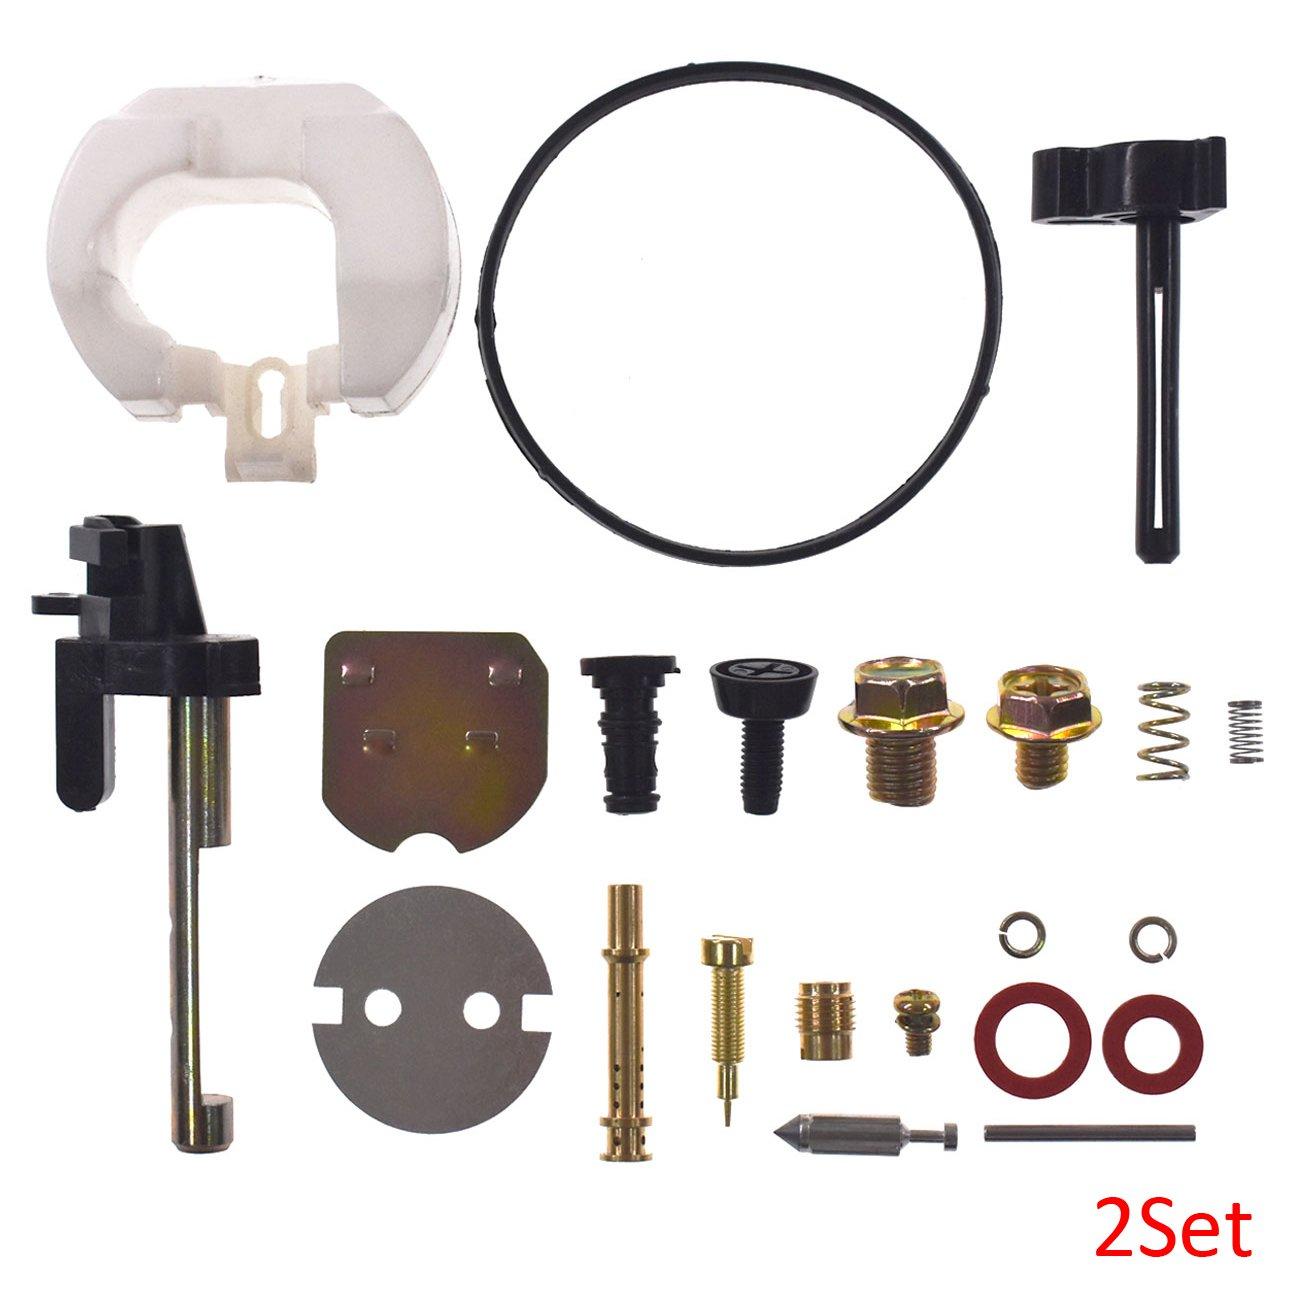 JRL Kit de Reparación de carburador de Calidad cortacésped ...